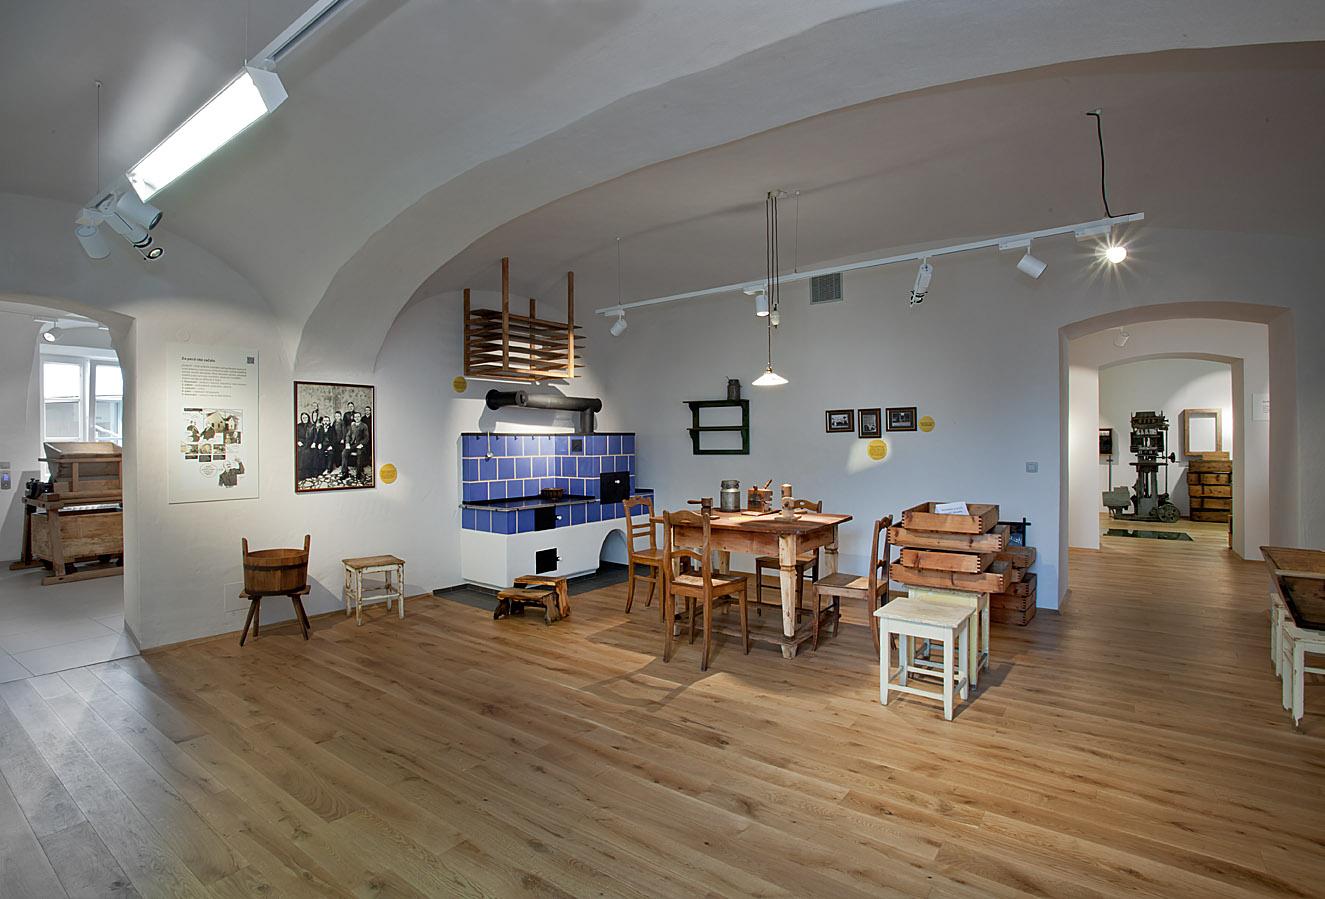 Loštice muzeum tvarůžků, obrázek se otevře v novém okně